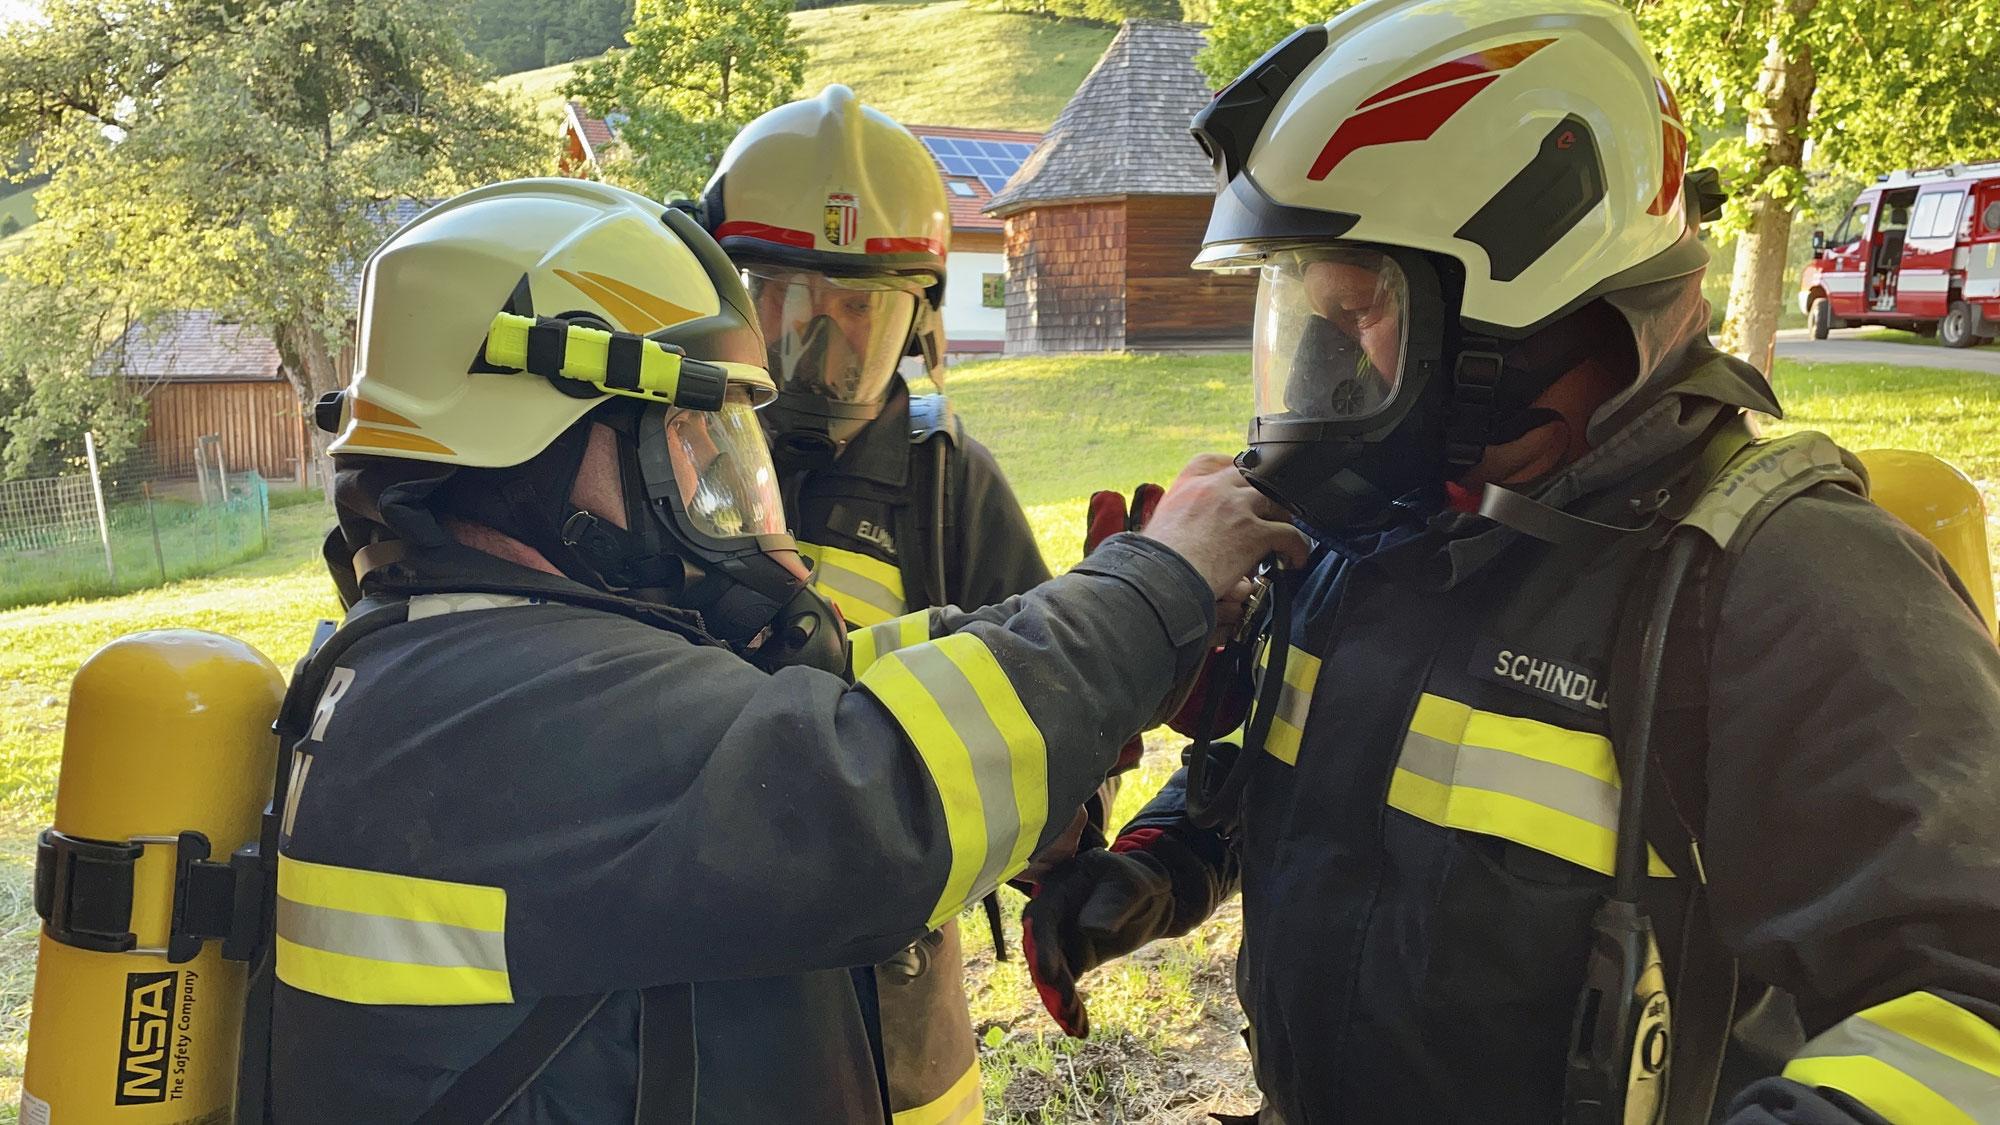 Übung: FF Tiefgraben wieder im vollen Übungseinsatz – Atemschutzübung